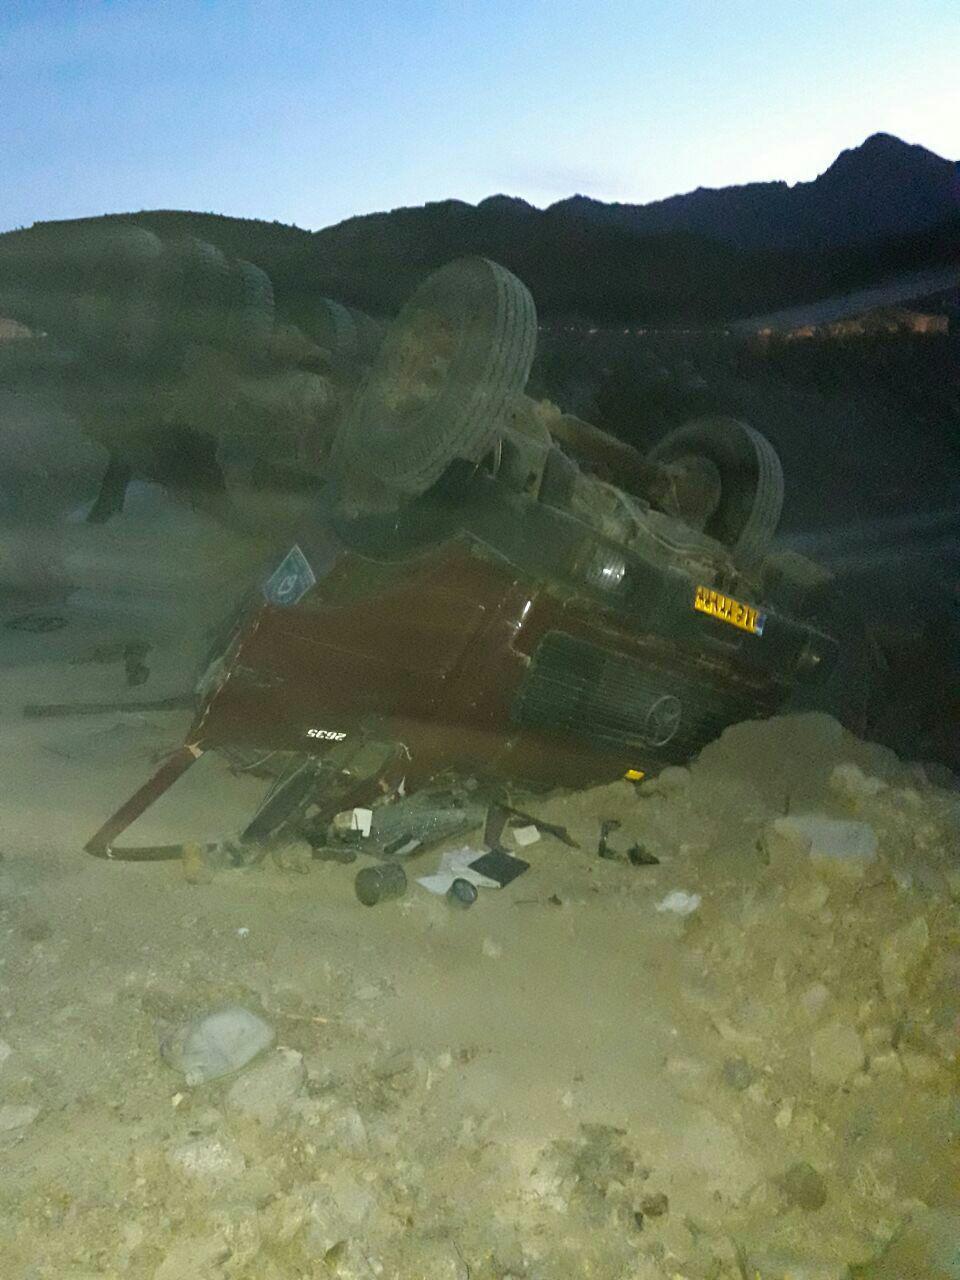 واژگونی کامیون در جواران رابر یک  کشته بر جای گذاشت